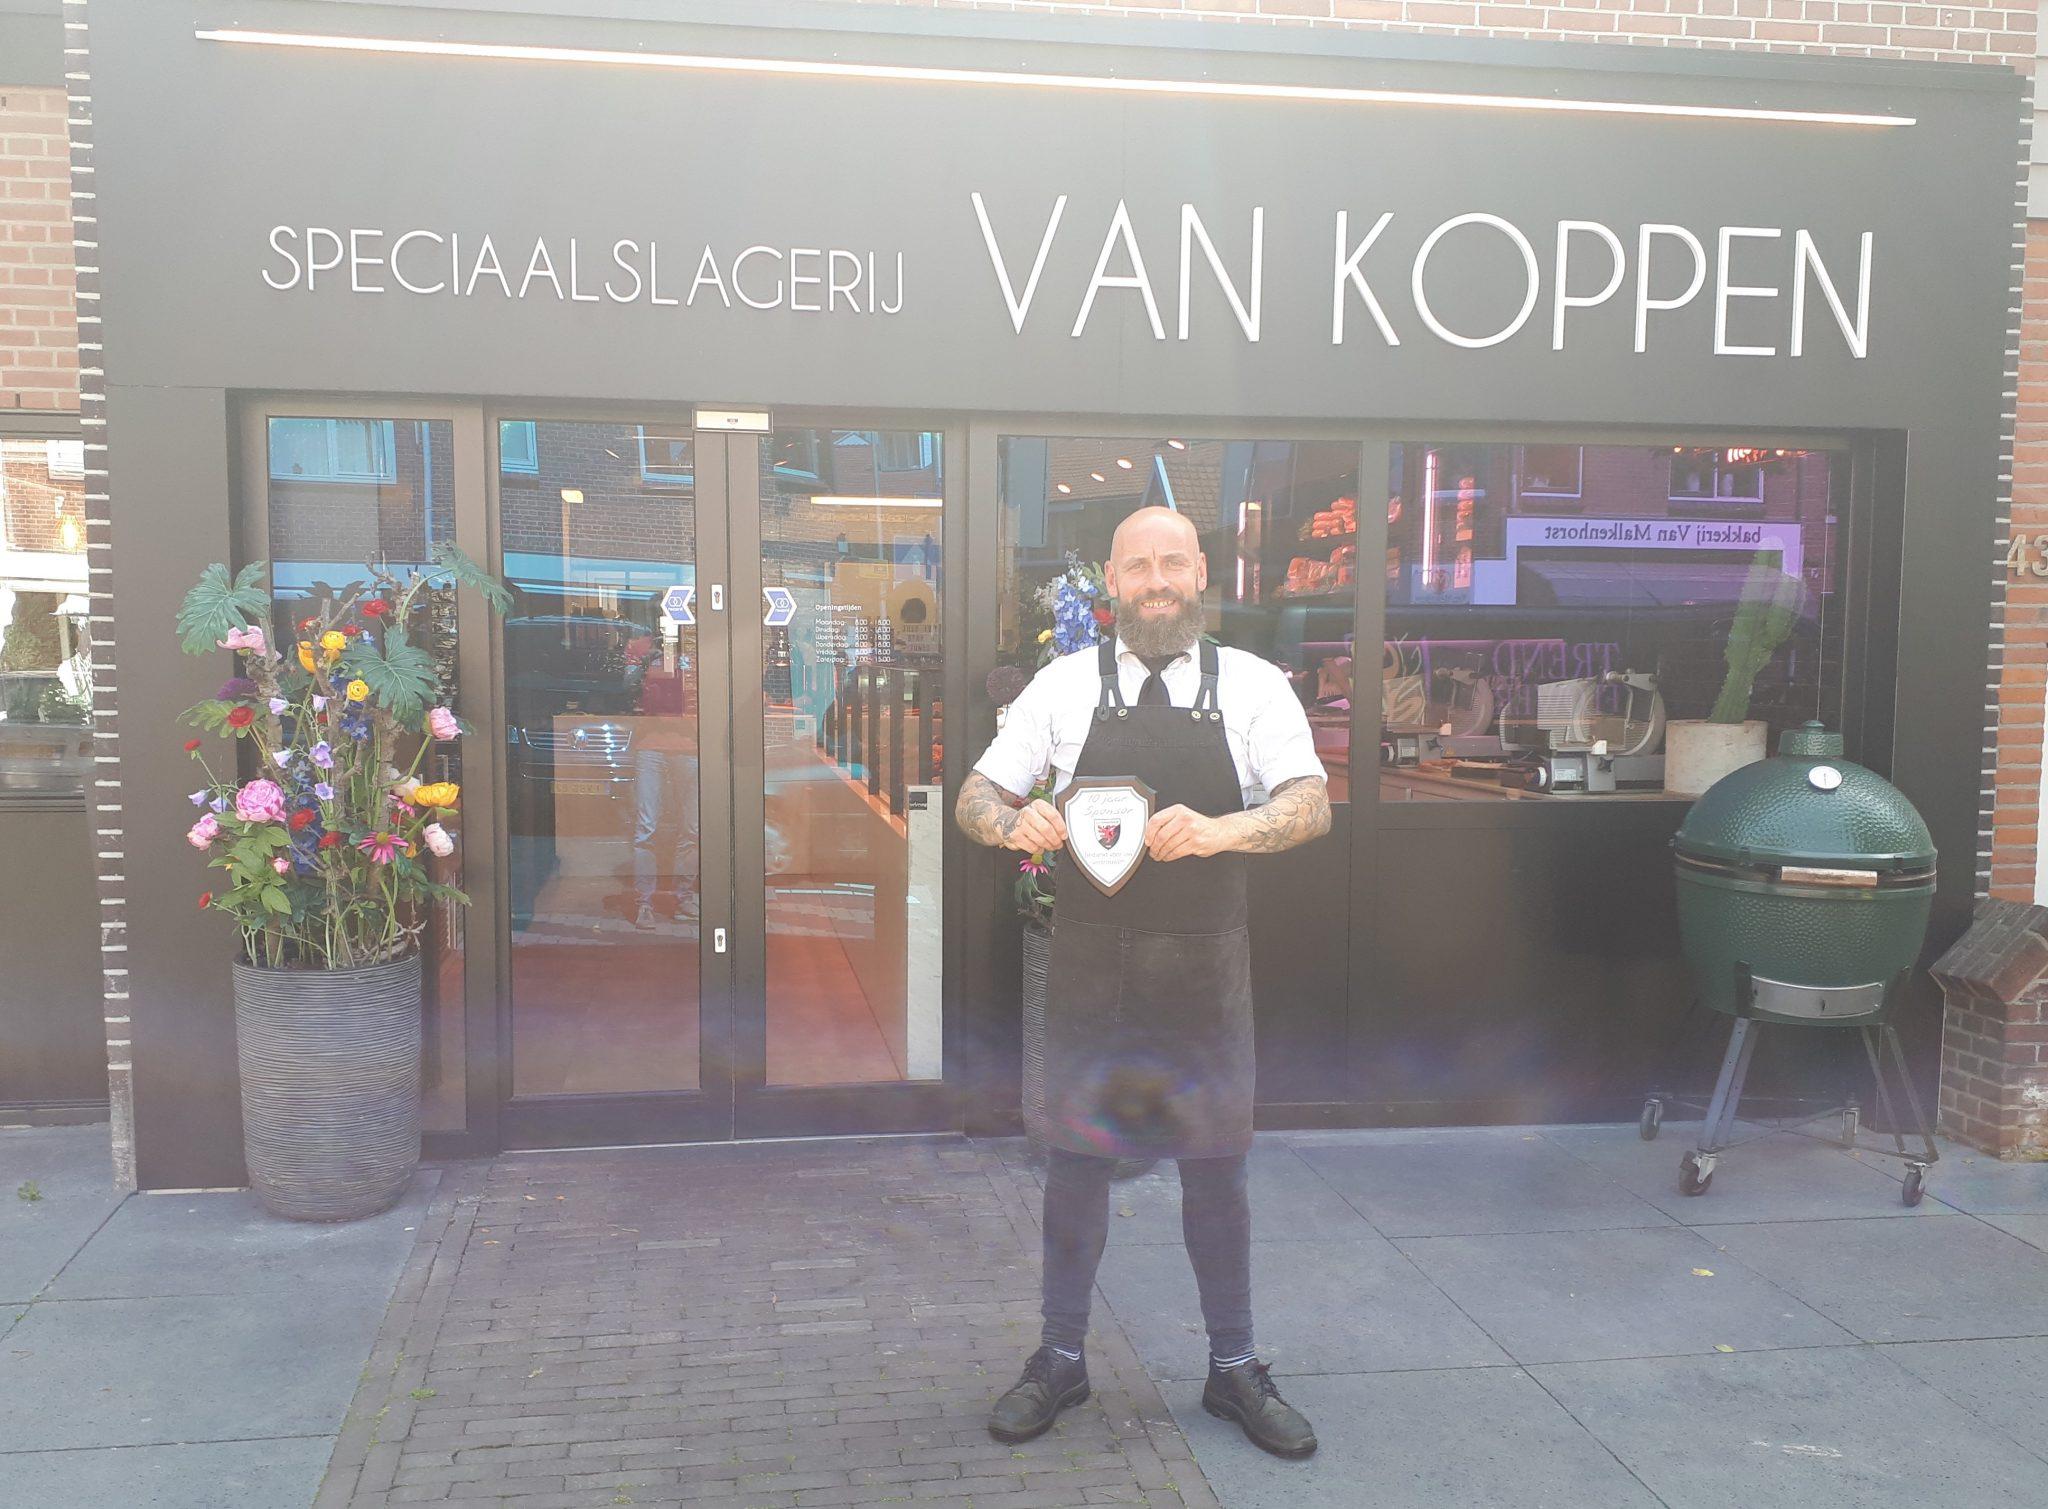 Jubileum sponsor Slagerij van Koppen in de spotlight